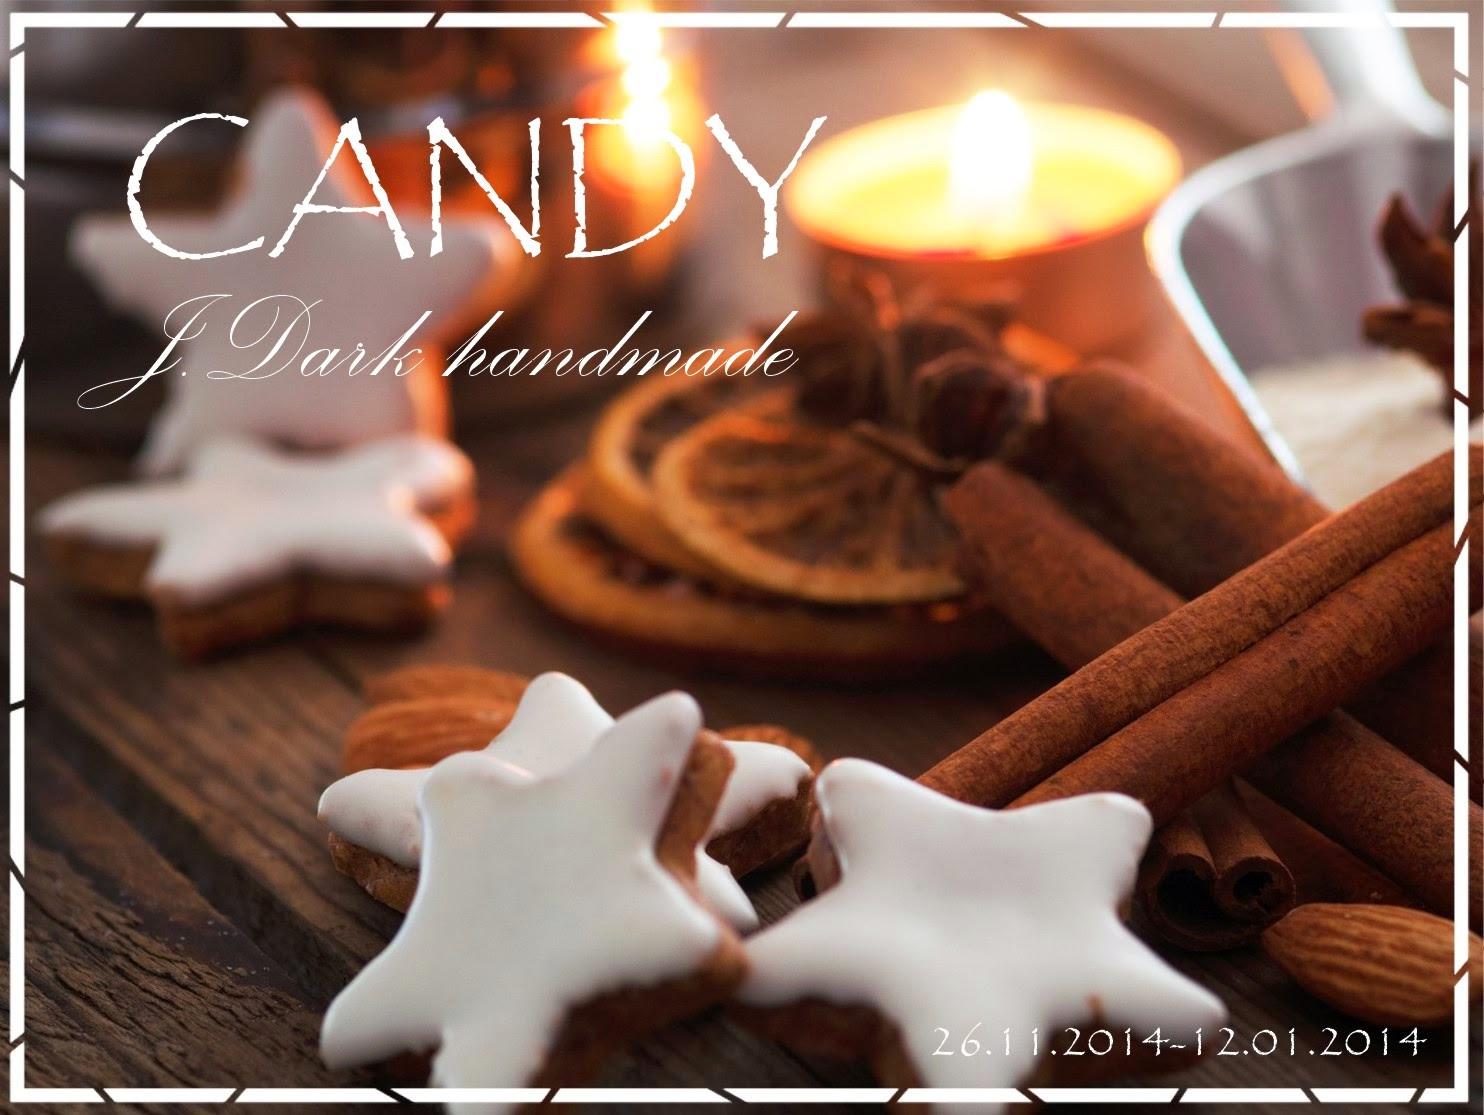 Candy do 12 stycznia